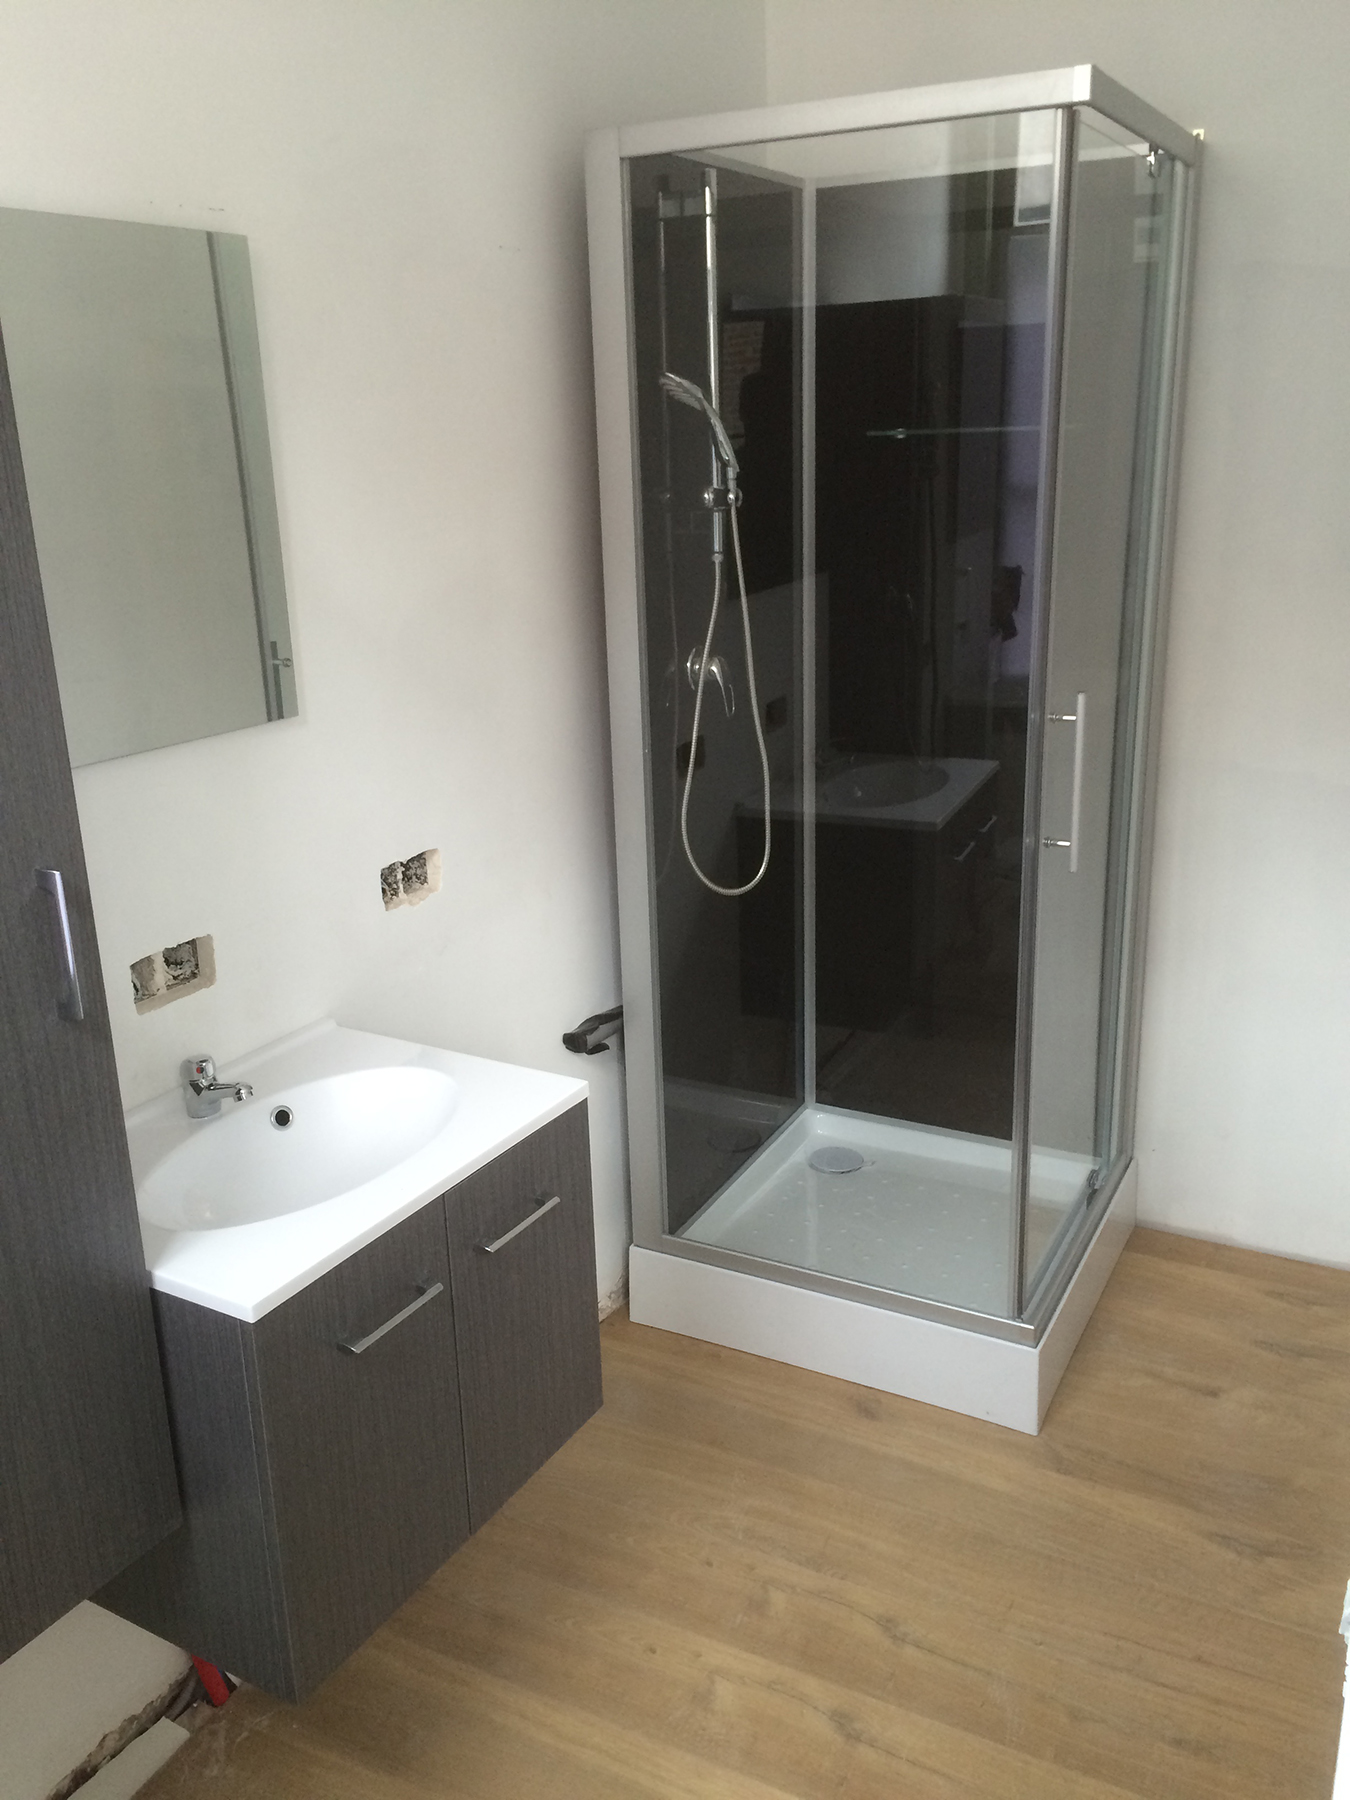 Totaalrenovatie Brugge - badkamerrenovatie 2.jpg